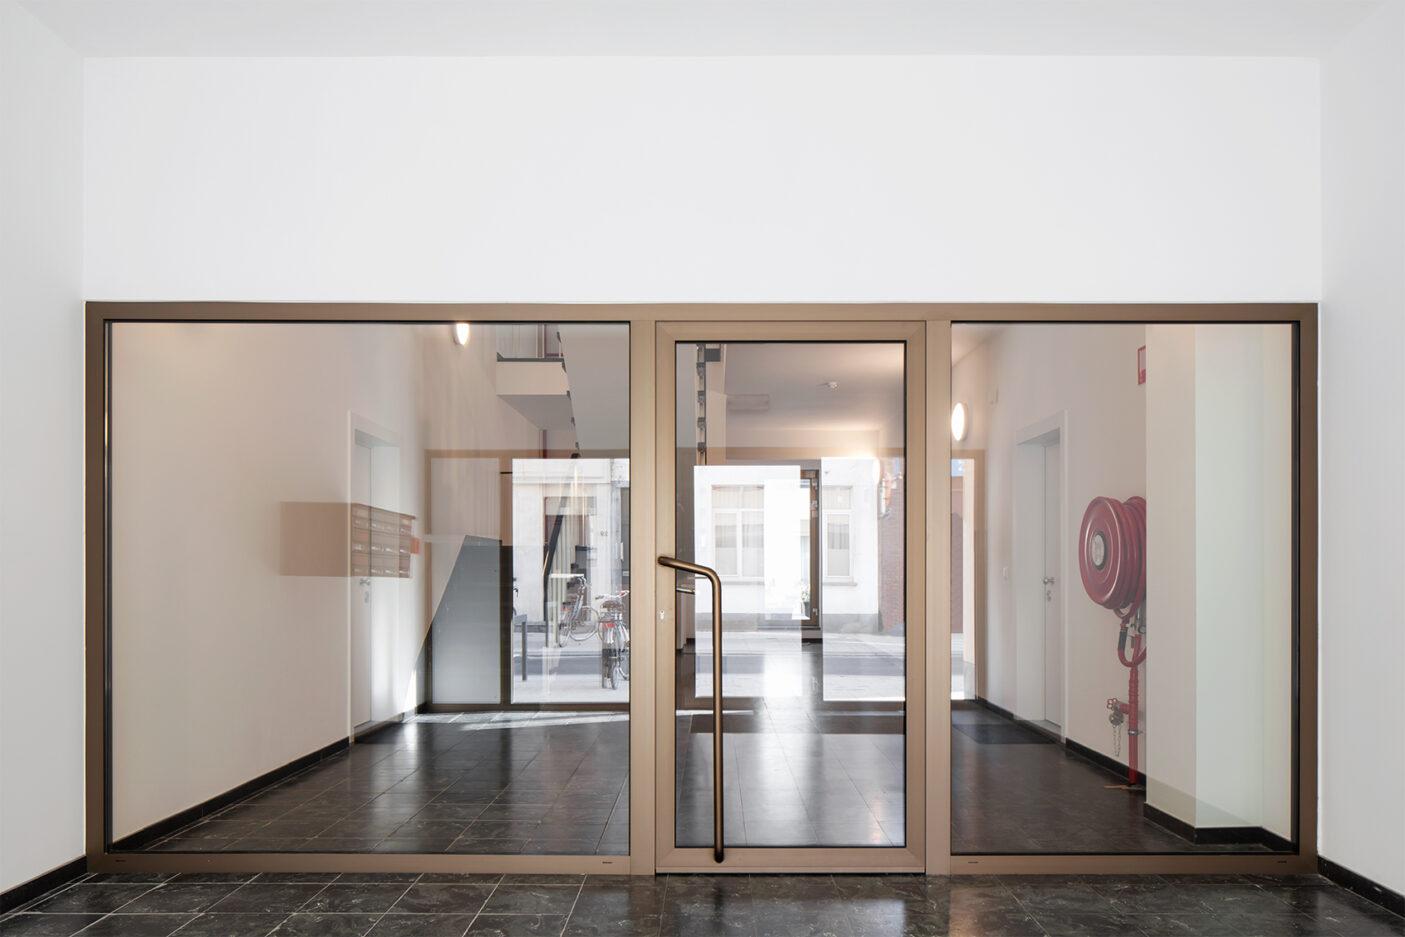 LOW-architecten-Britselei-ANTWERPEN-016web-1.jpg